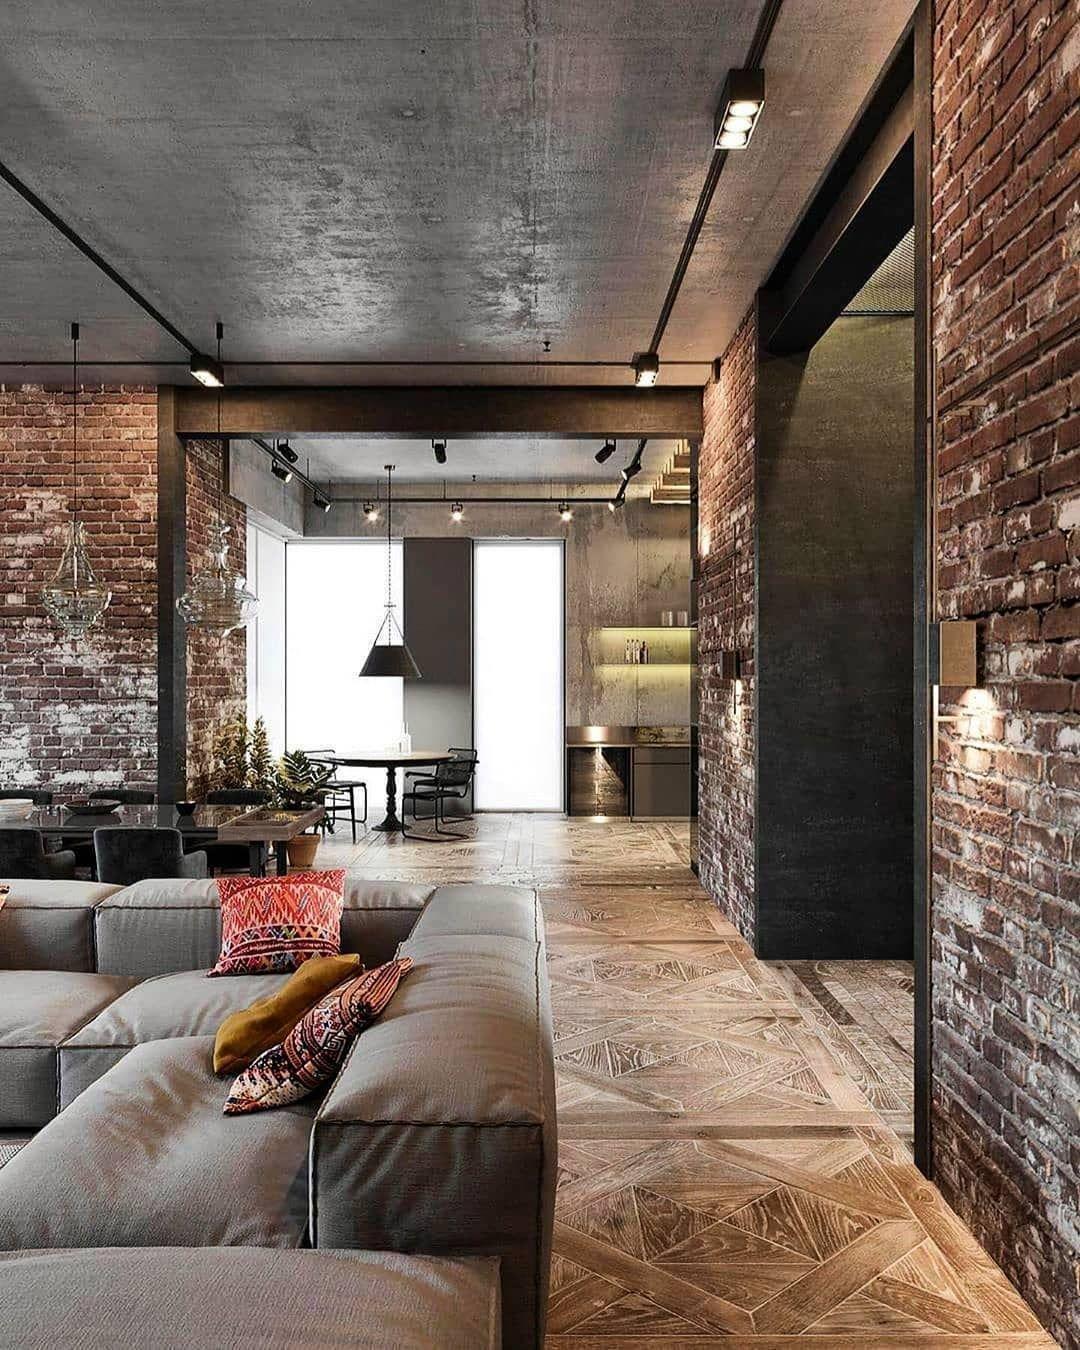 Бетон любим бетон купить в михайлове